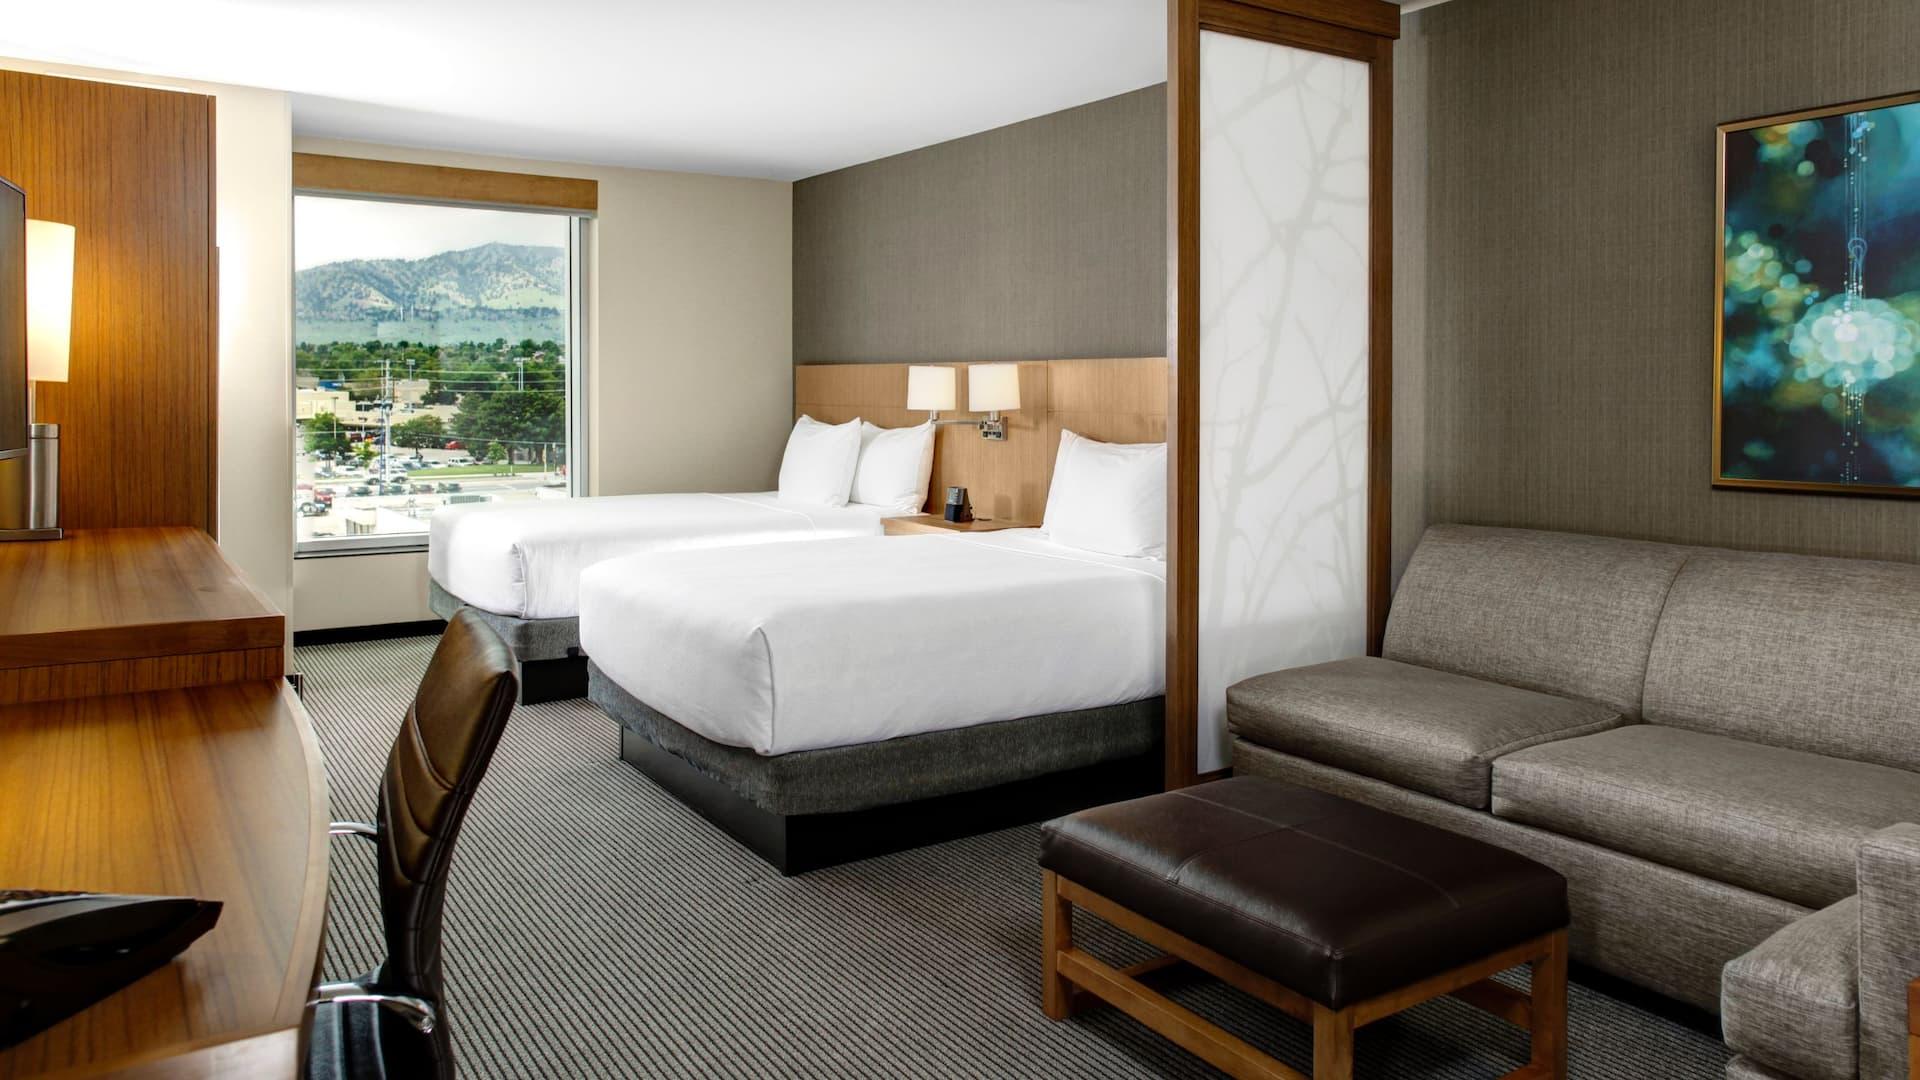 Ego Car Share >> Boulder Hotel | Hyatt Place Boulder/Pearl Street